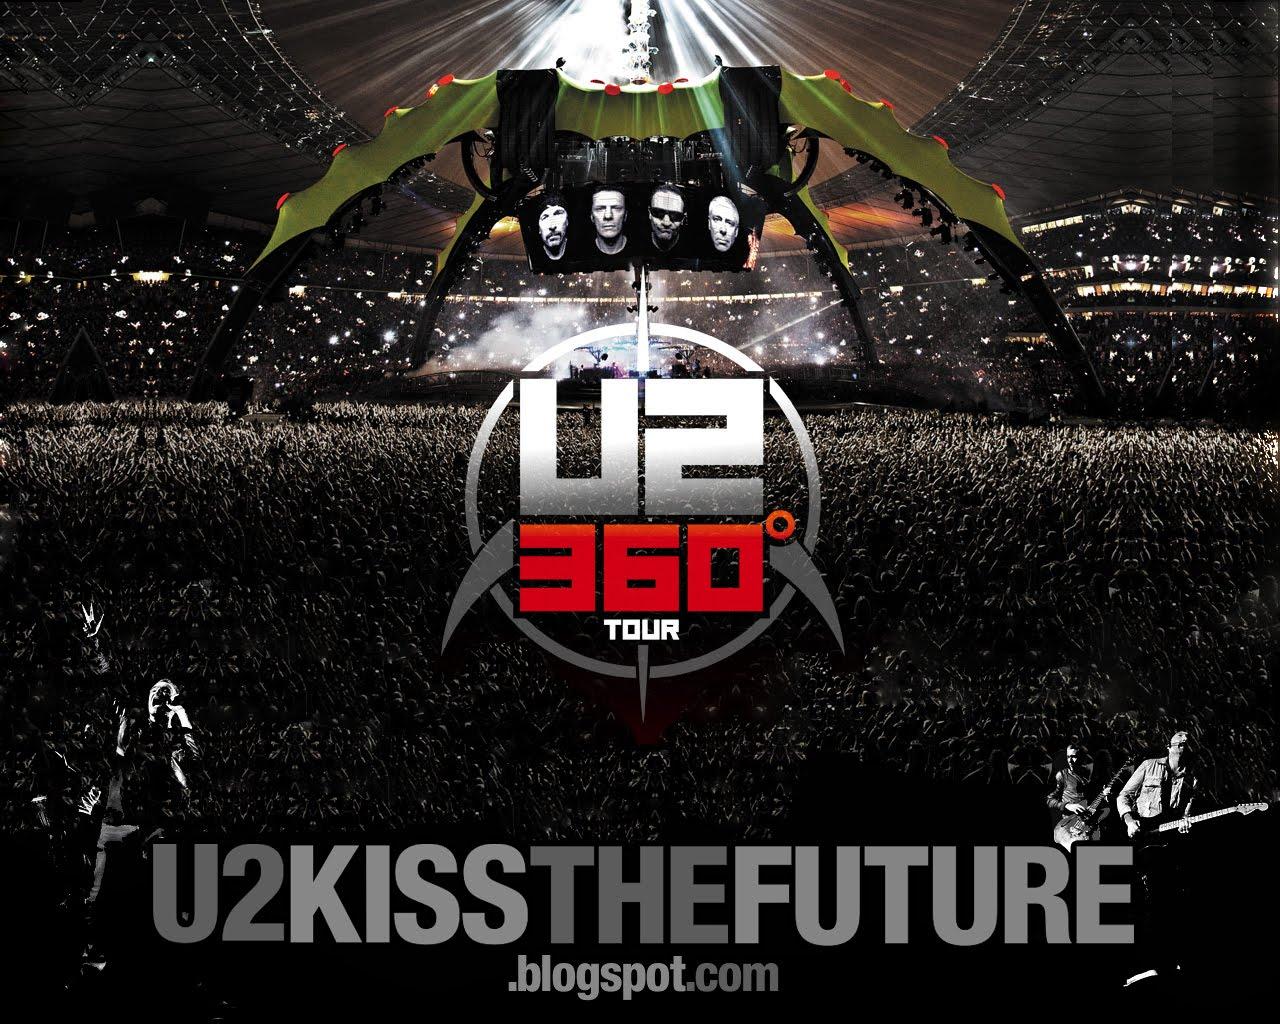 U2 Kiss The Future Mxico U2 Kiss The Future Wallpapers   360 Tour 1280x1024